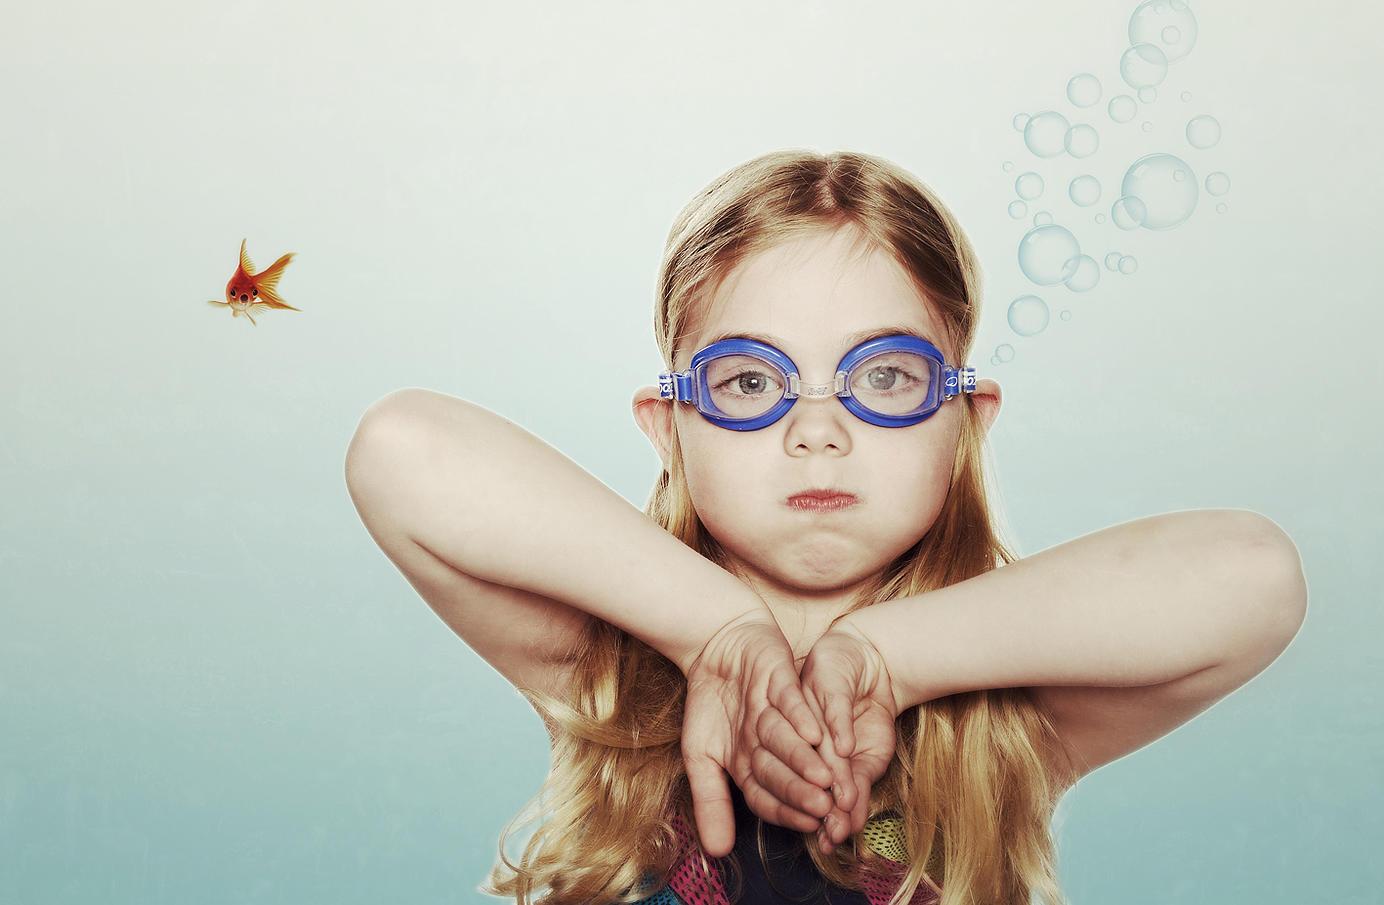 fotografering-barn-trondheim-titt-melhus32.jpeg